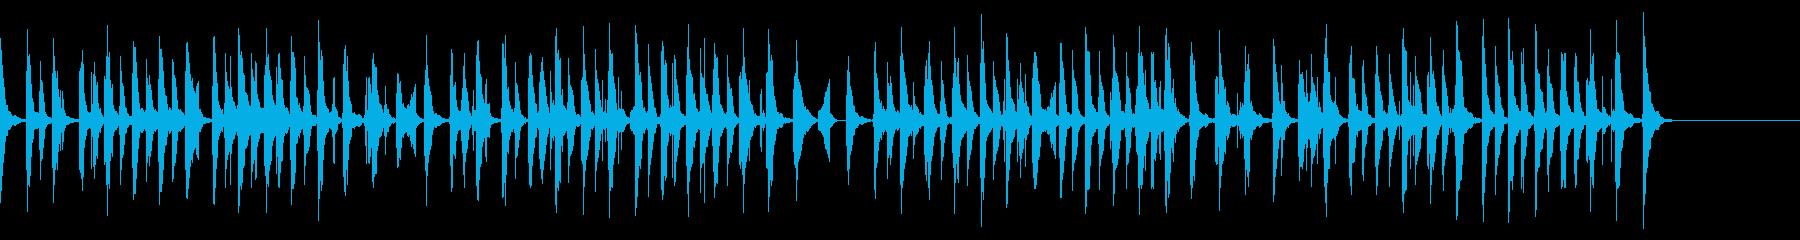 ほのぼのとした中でも活気のあるBGMの再生済みの波形